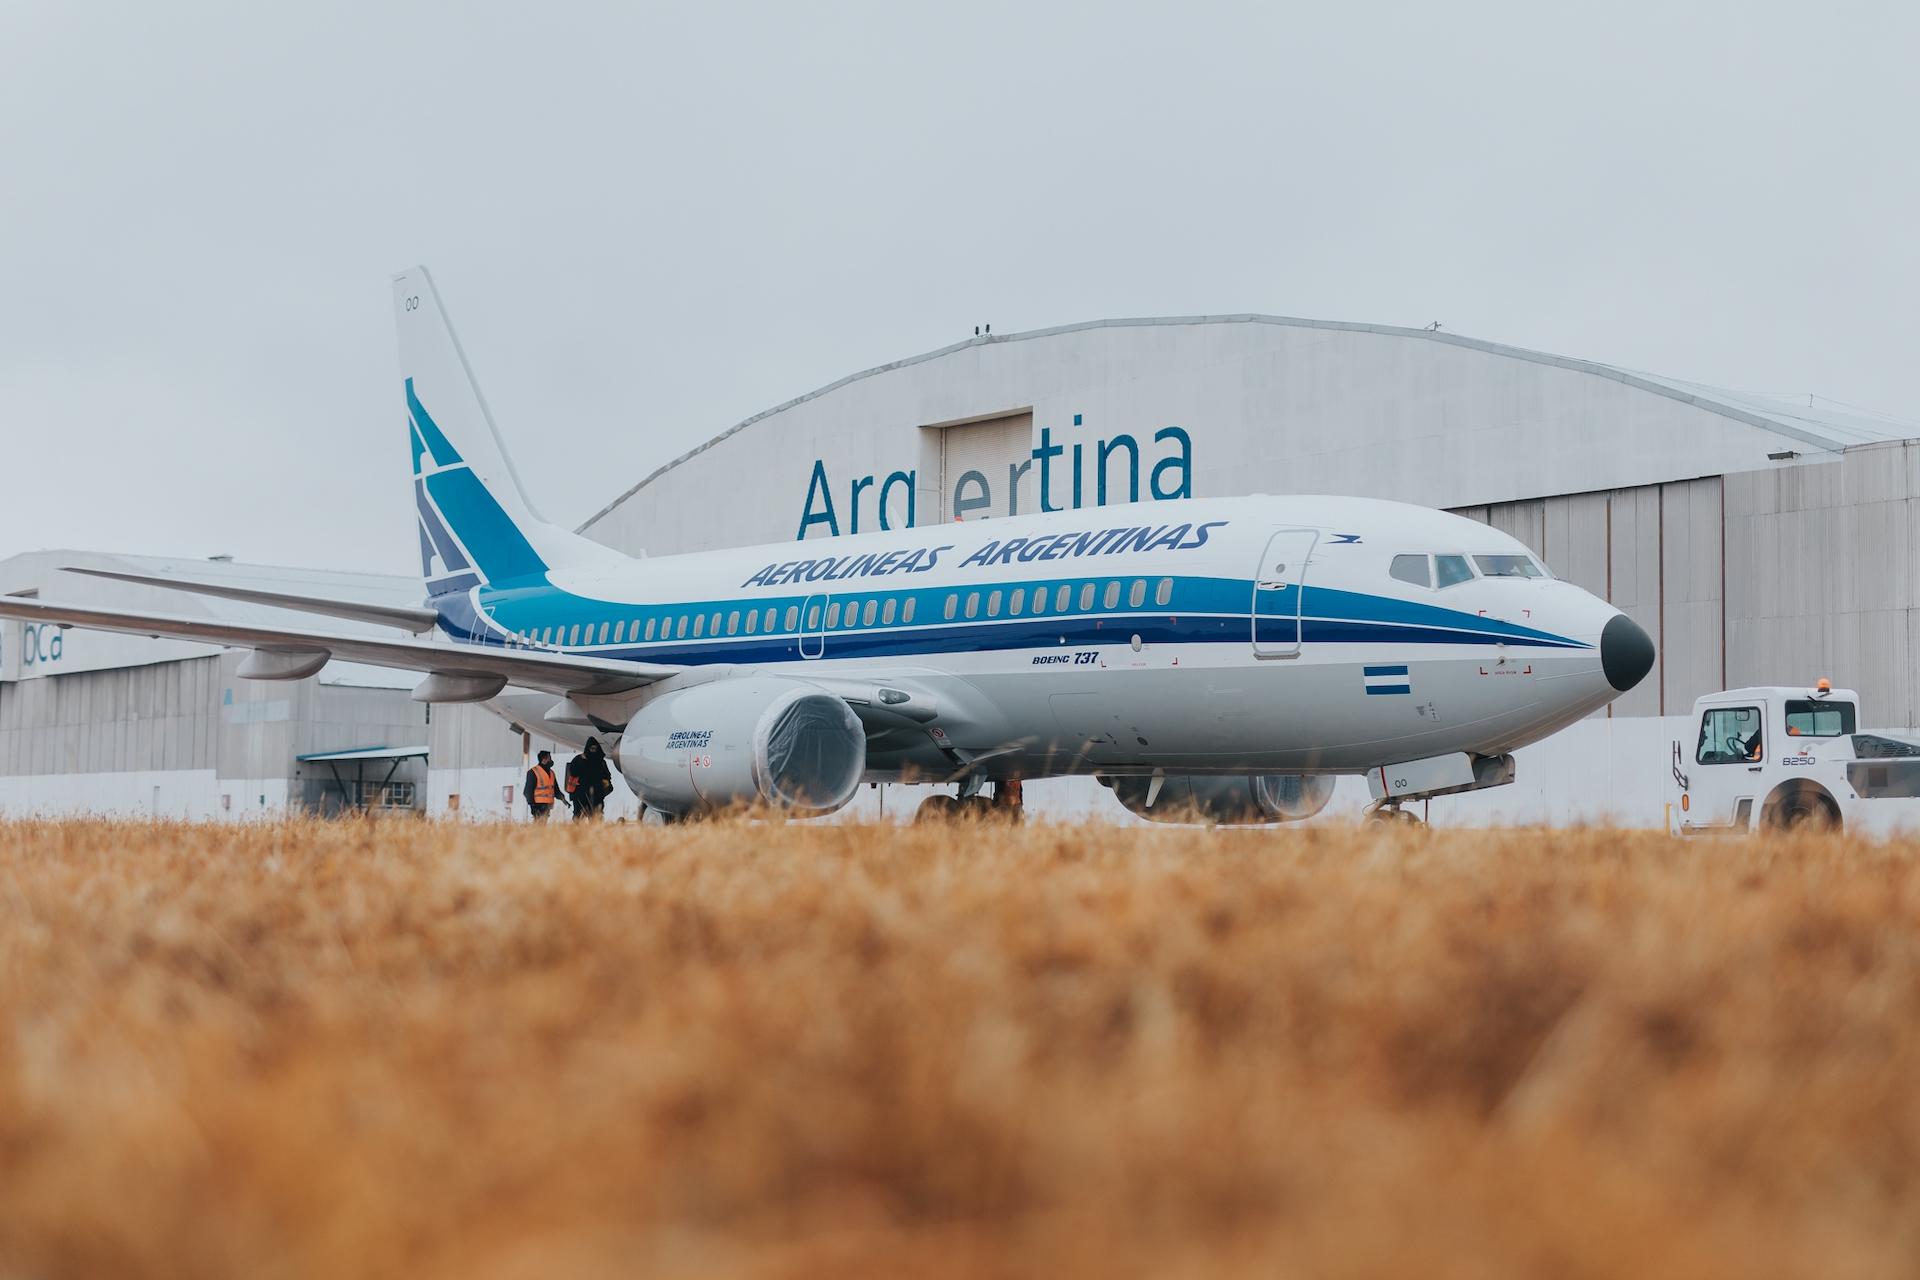 Las imágenes del avión retro de Aerolíneas Argentinas celebrando sus 70 años